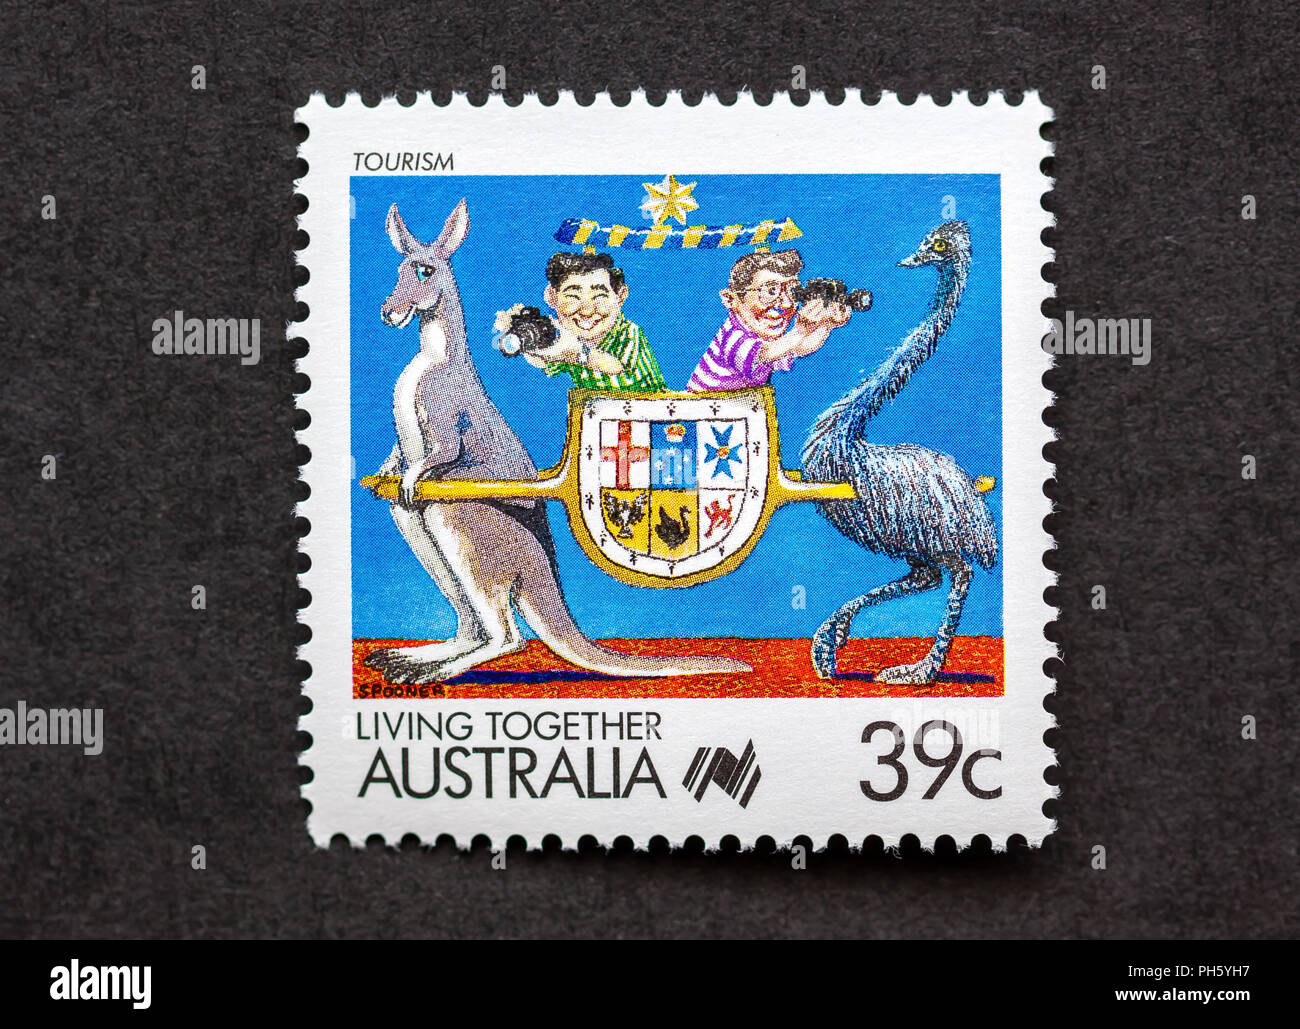 Single 39 Cent Munze Australien Stempel Tourismus In Das Zusammenleben Zu Fordern Stockbild